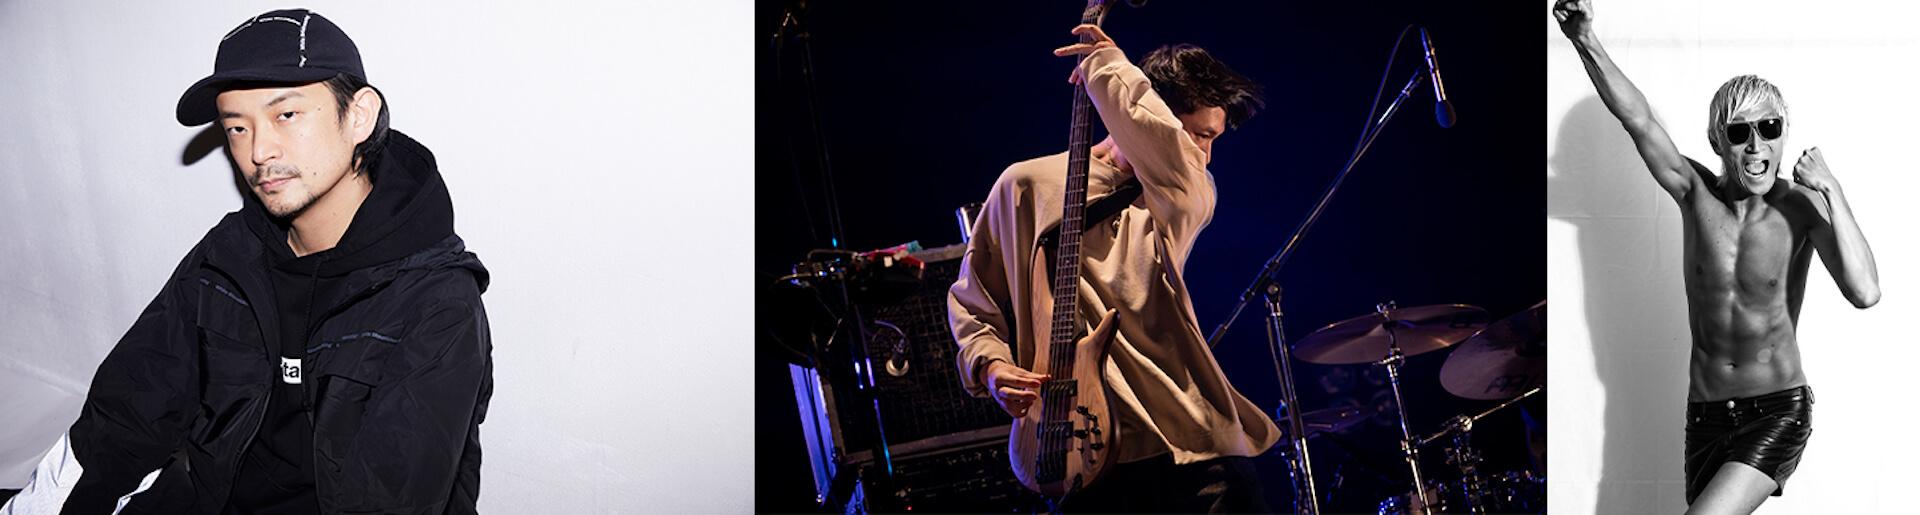 スクエアプッシャー『BE UP A HELLO』リリース前夜祭がタワレコ渋谷で開催決定!真鍋大度、mito、たなしんのトークライブも music200128_squarepusher_14